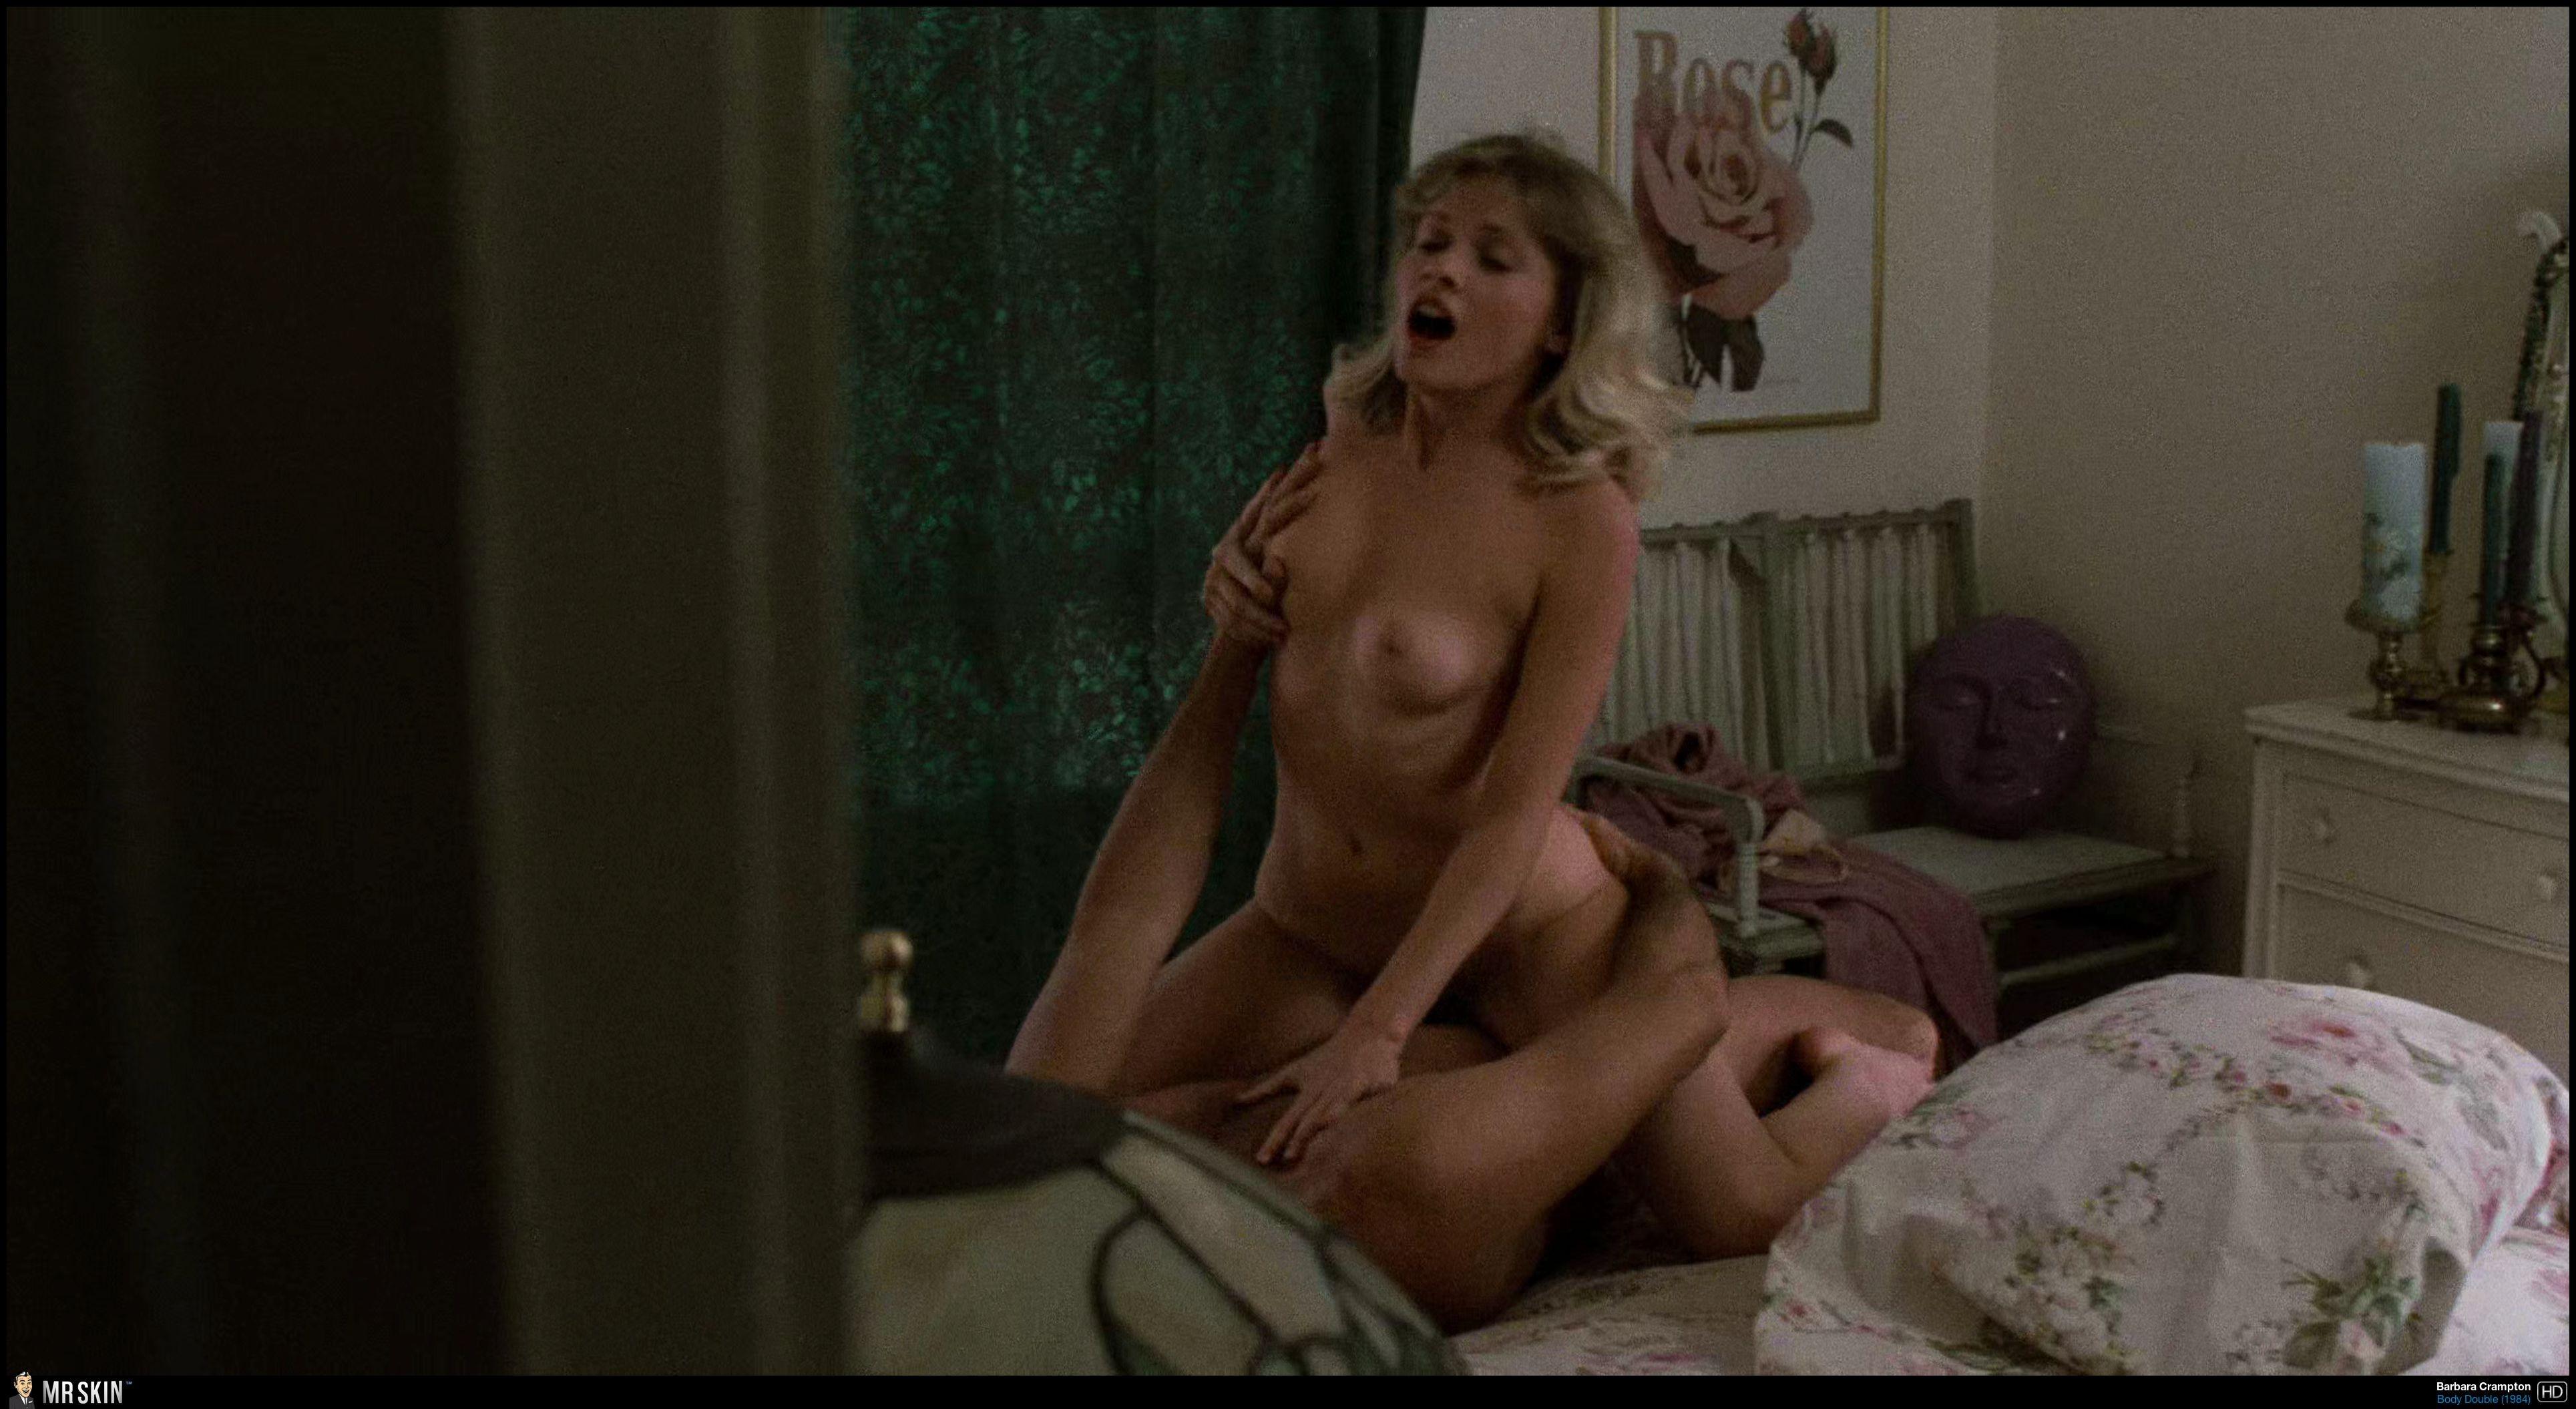 Barbara crampton nude